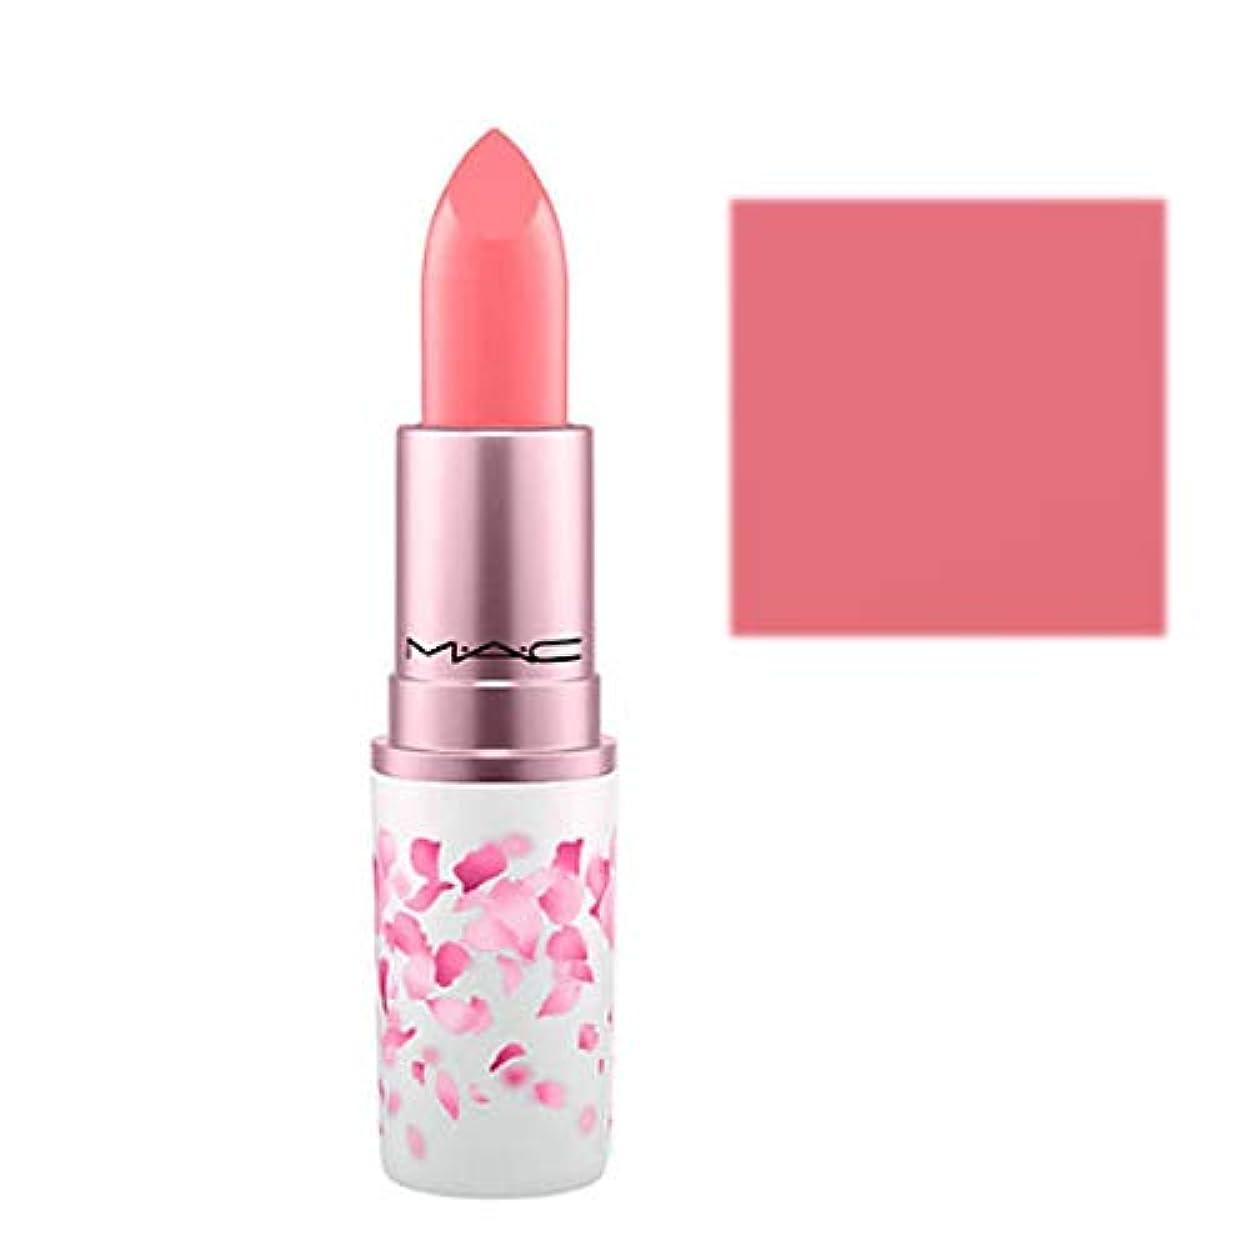 十分な主流さまようM.A.C ?マック, 限定版, 2019 Spring, Lipstick/Boom, Boom, Bloom - Hi-Fructease [海外直送品] [並行輸入品]